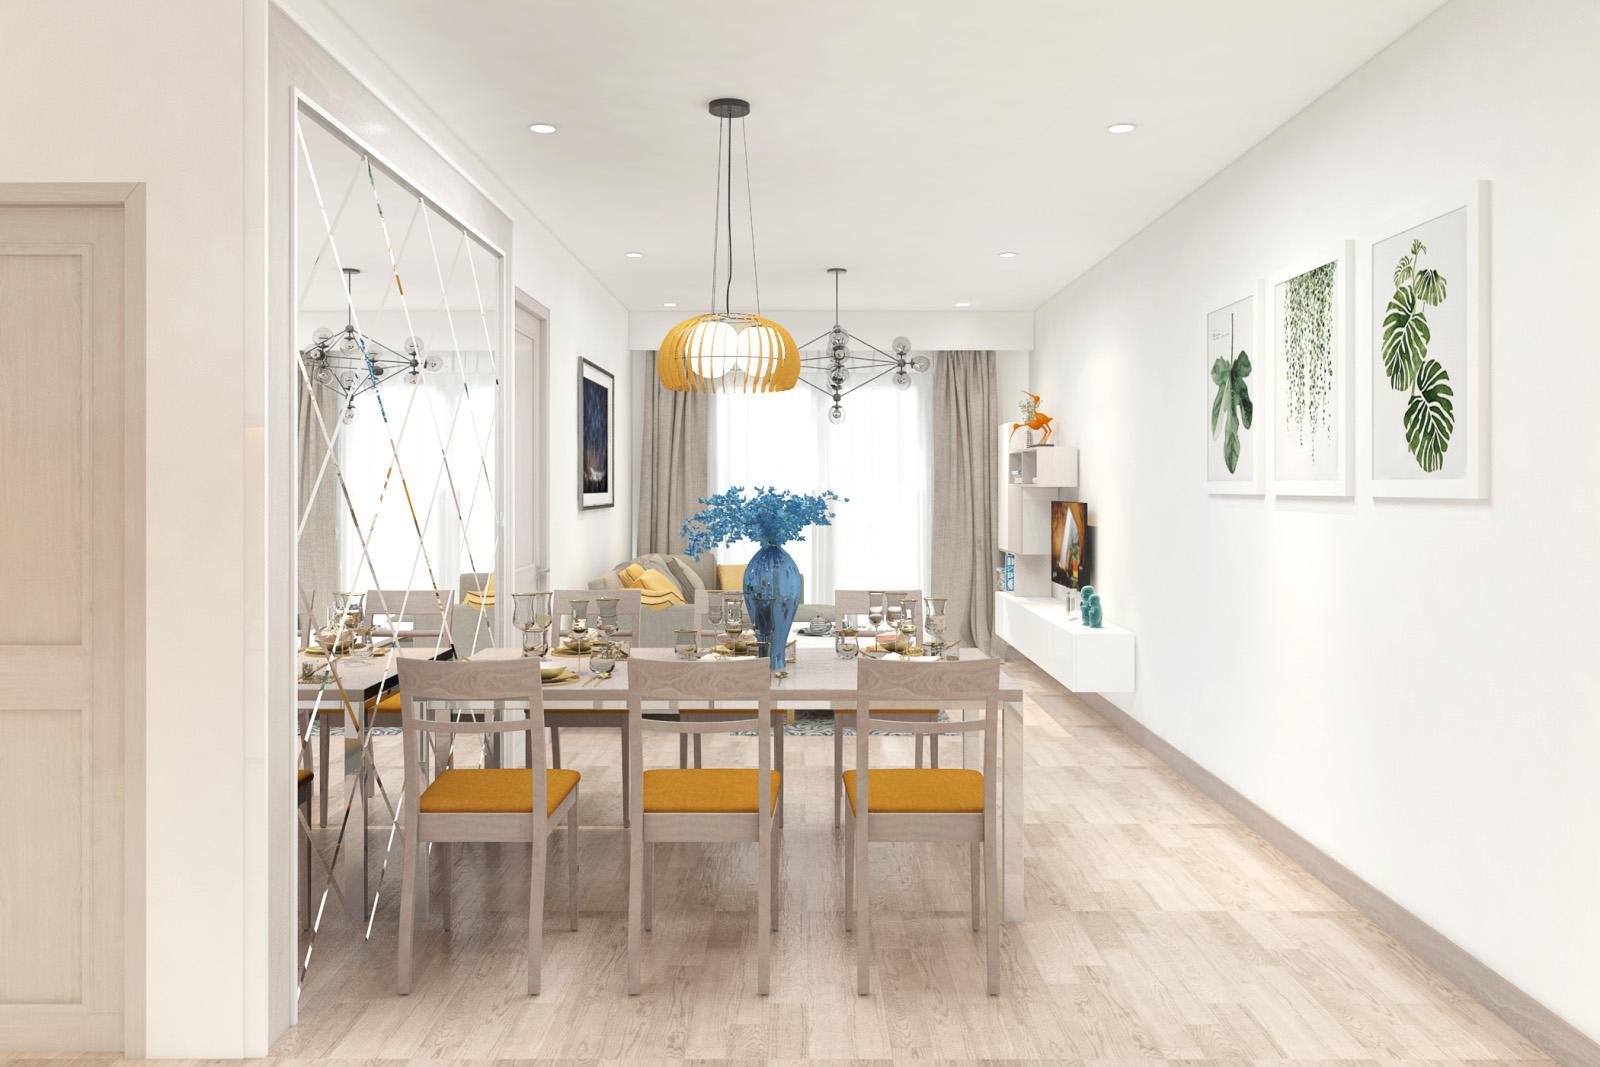 Căn hộ chung cư cao cấp cho thuê Vạn Đô phức hợp đa năng chất lượng cao